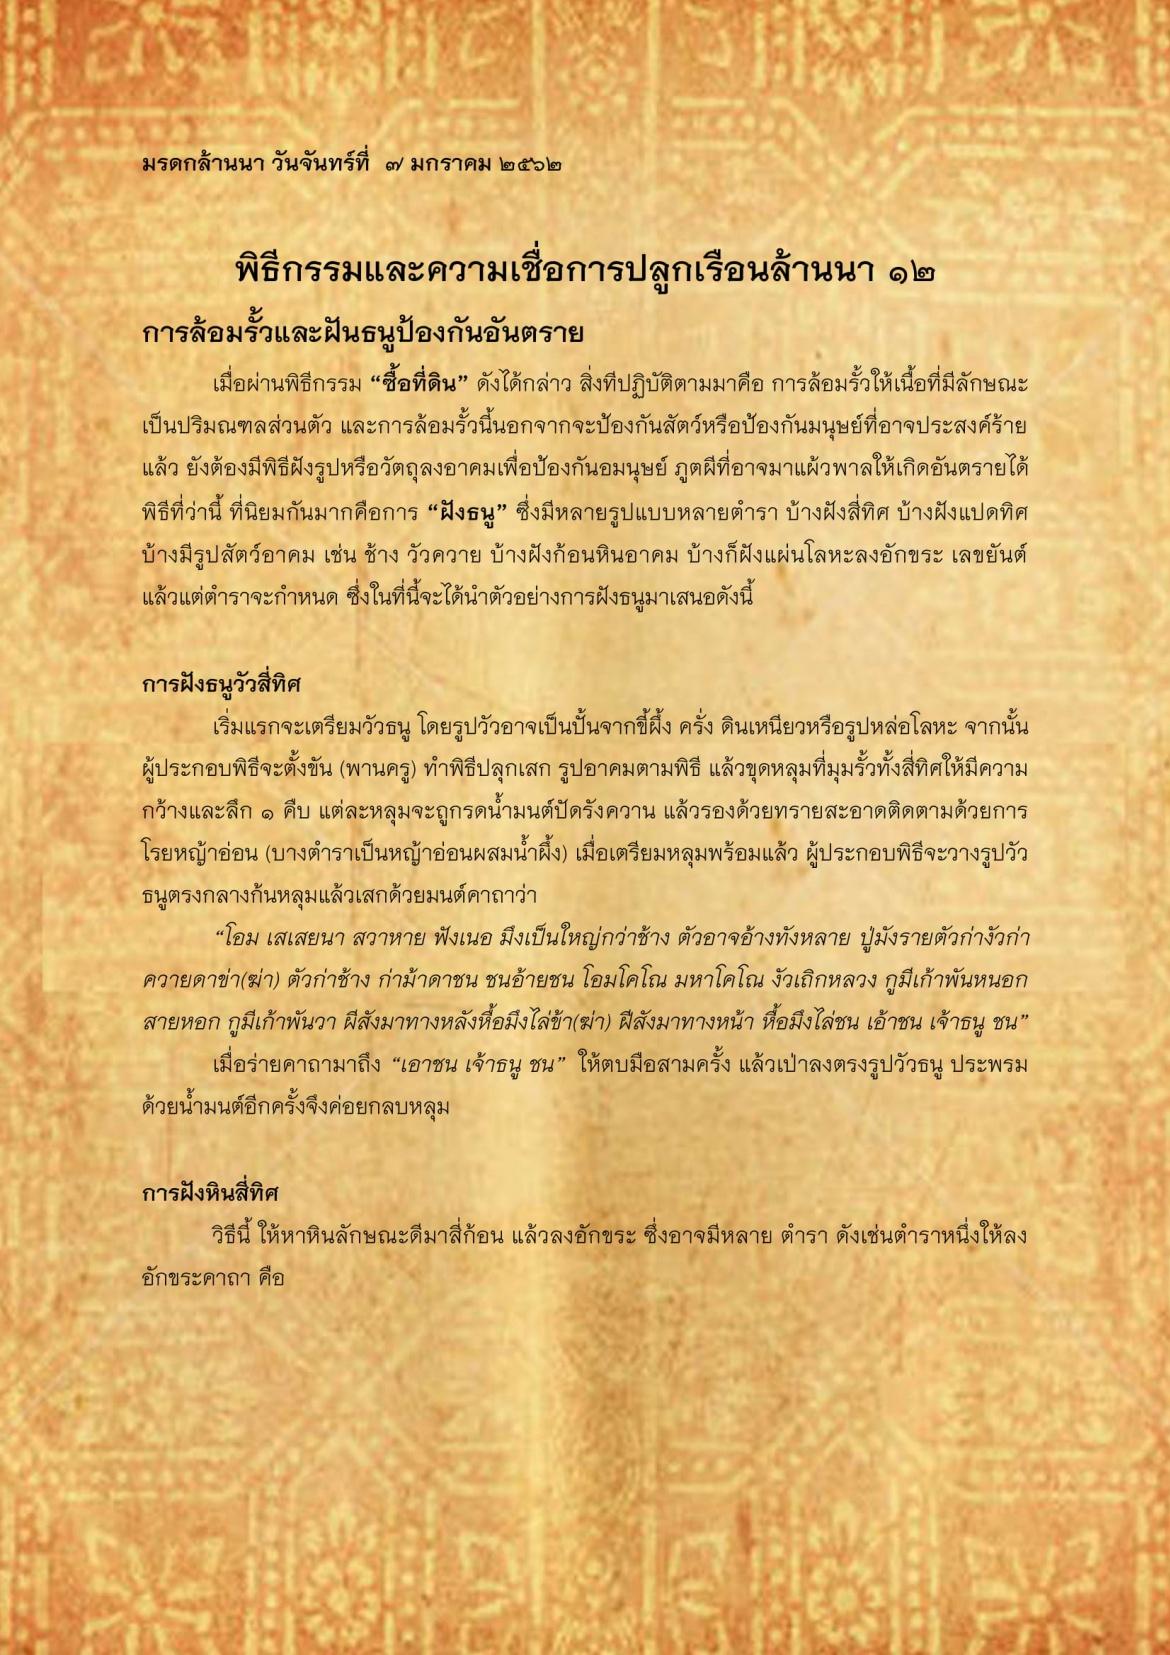 พิธีกรรมเเละความเชื่อการปลูกเรือนล้านนา(12) - 7 มกราคม 2562